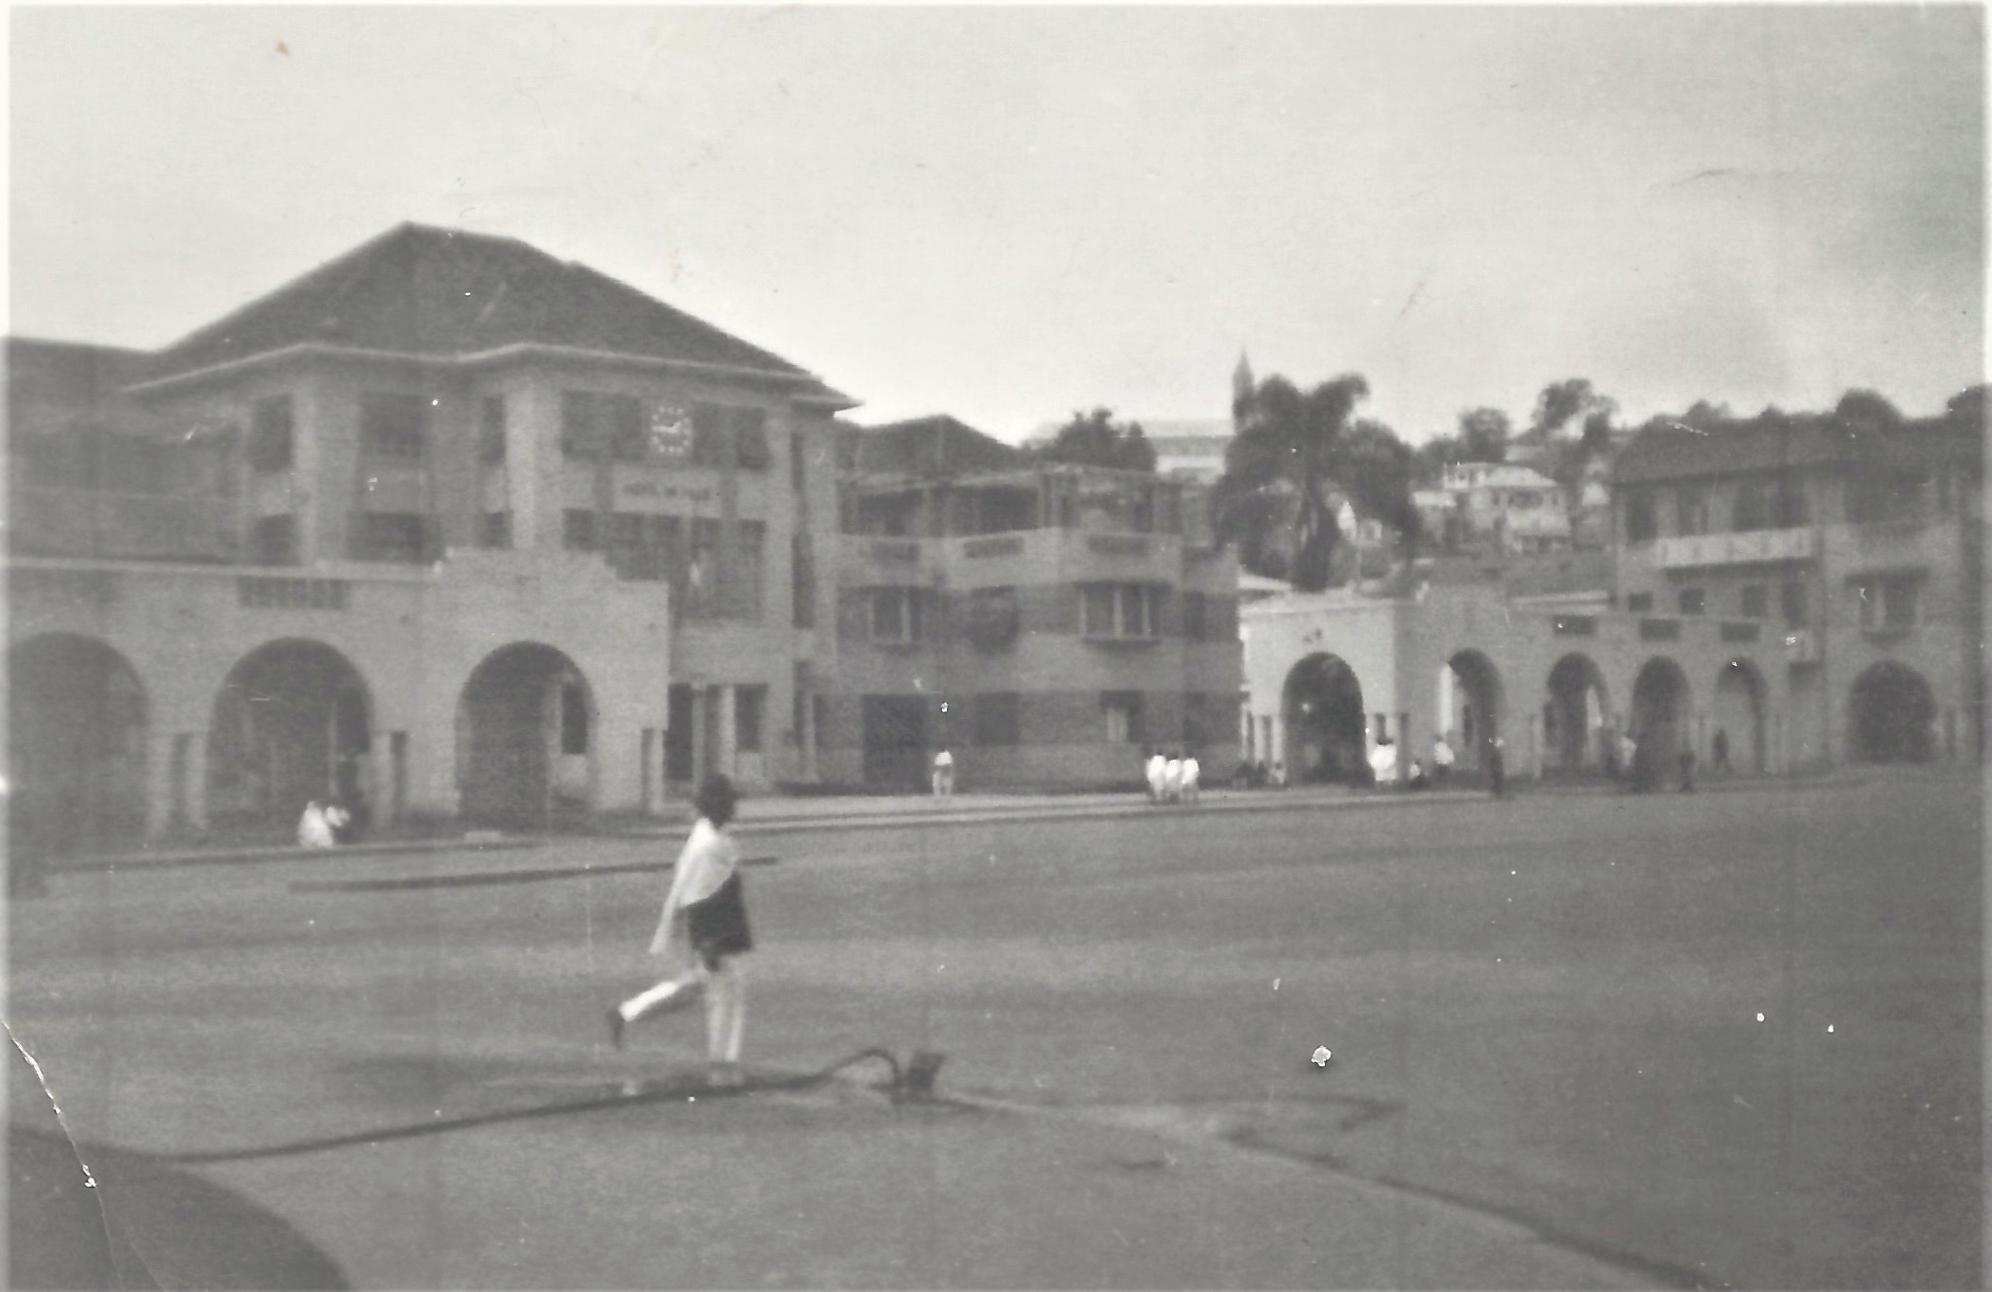 Hôtel de ville, Avenue de la Libération, Tananarive